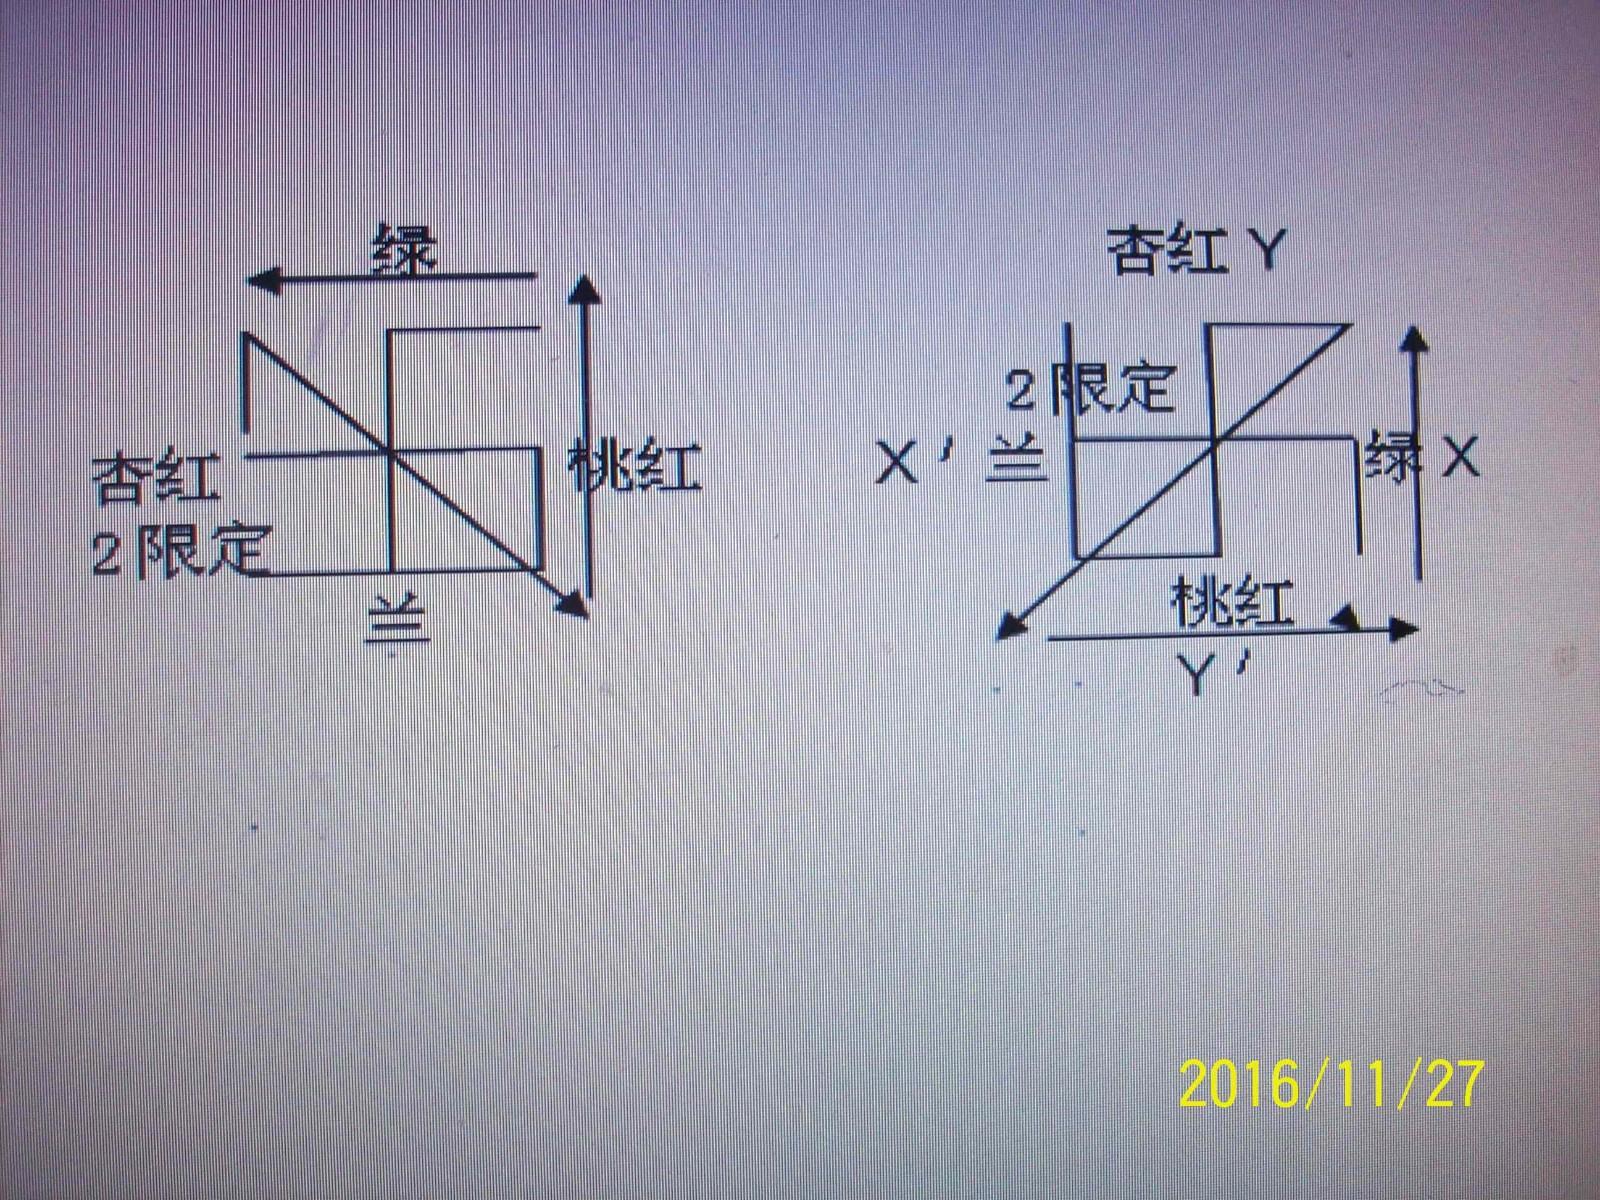 三阶魔方顶层十字架拼完怎么办 不要什么小鱼的公式的